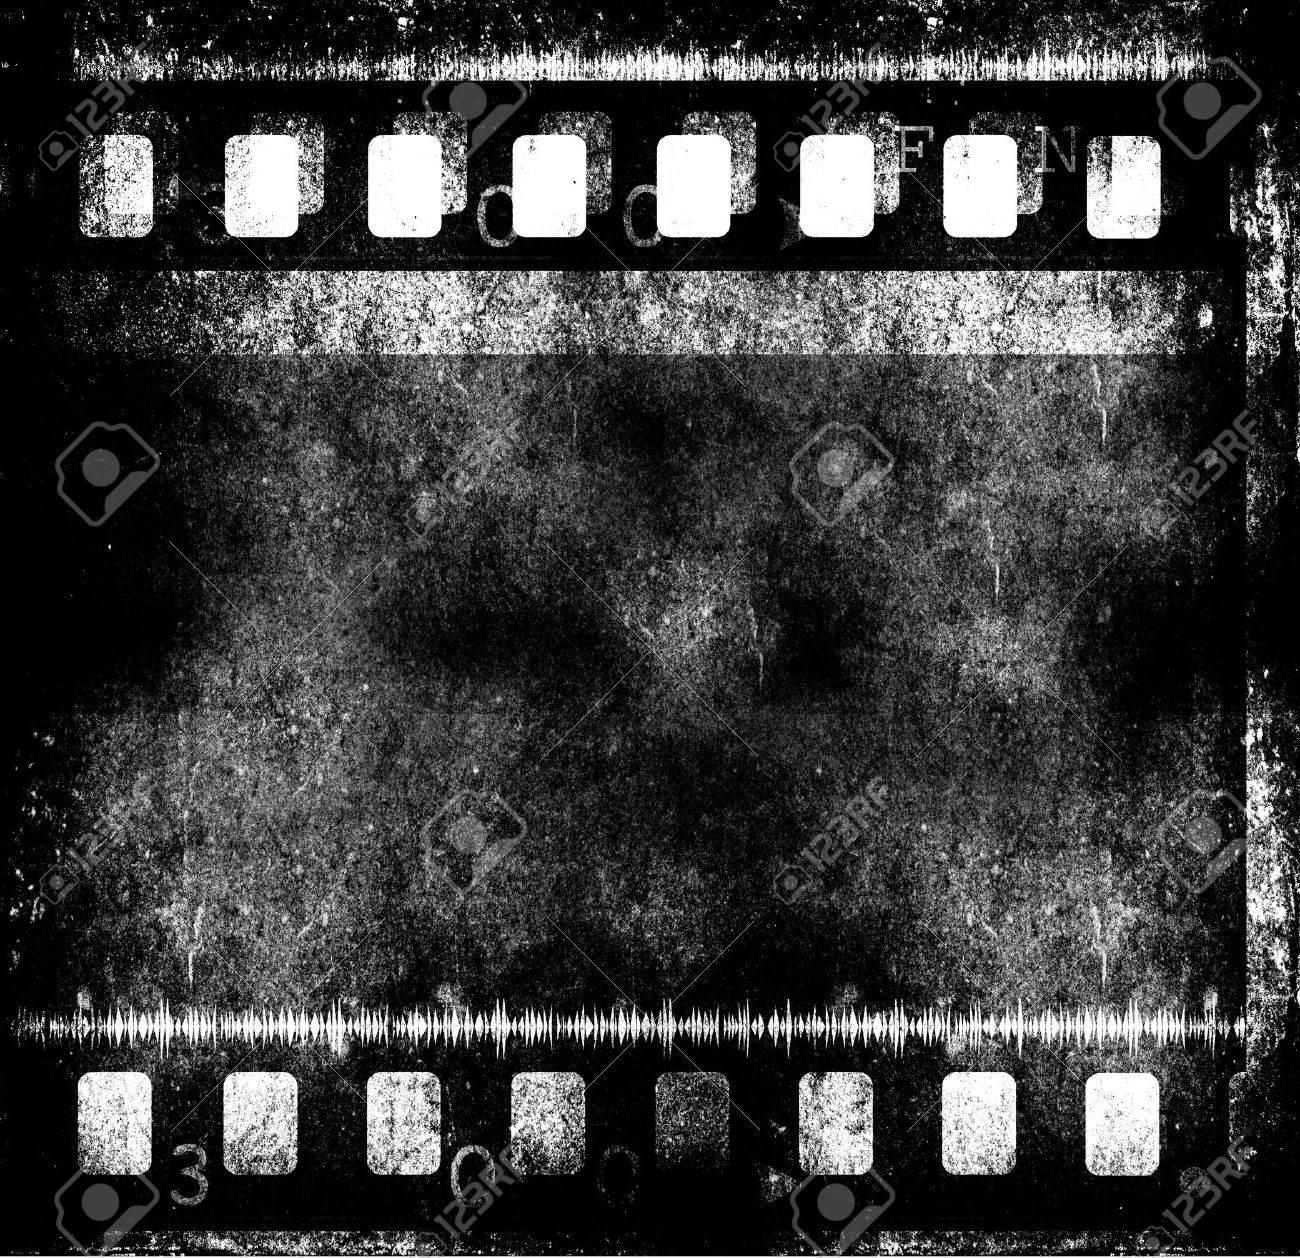 Movie Film reel,2D digital art - 7587050